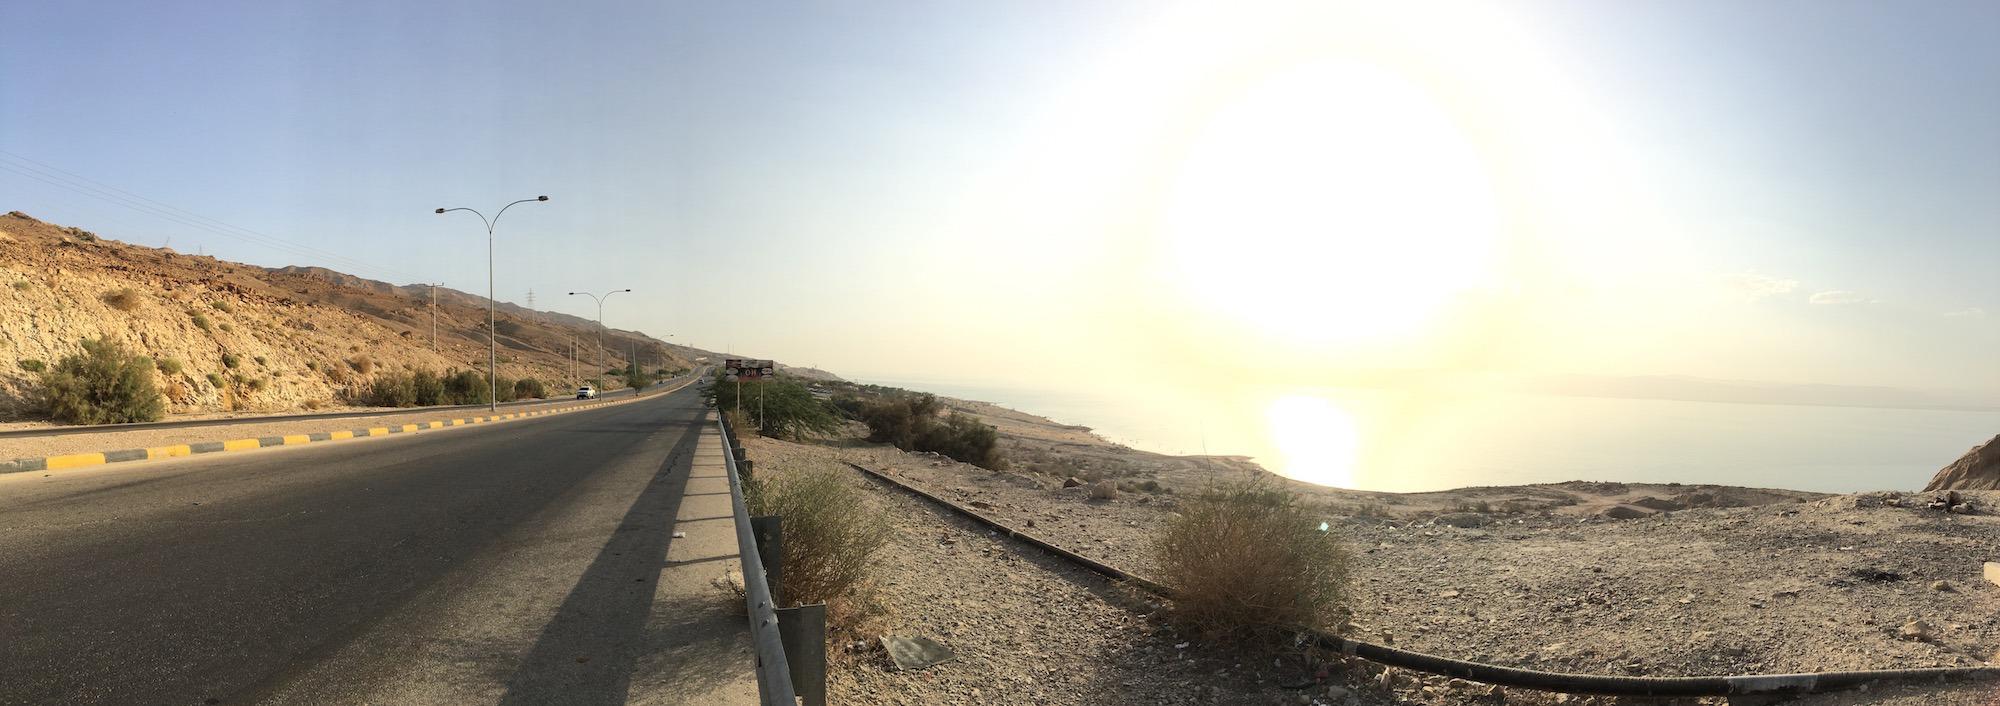 Caminhei 2 km pelo acostamento da estrada entre Amman Beach e o Mövenpick. (Foto: Nathalia Tavolieri)